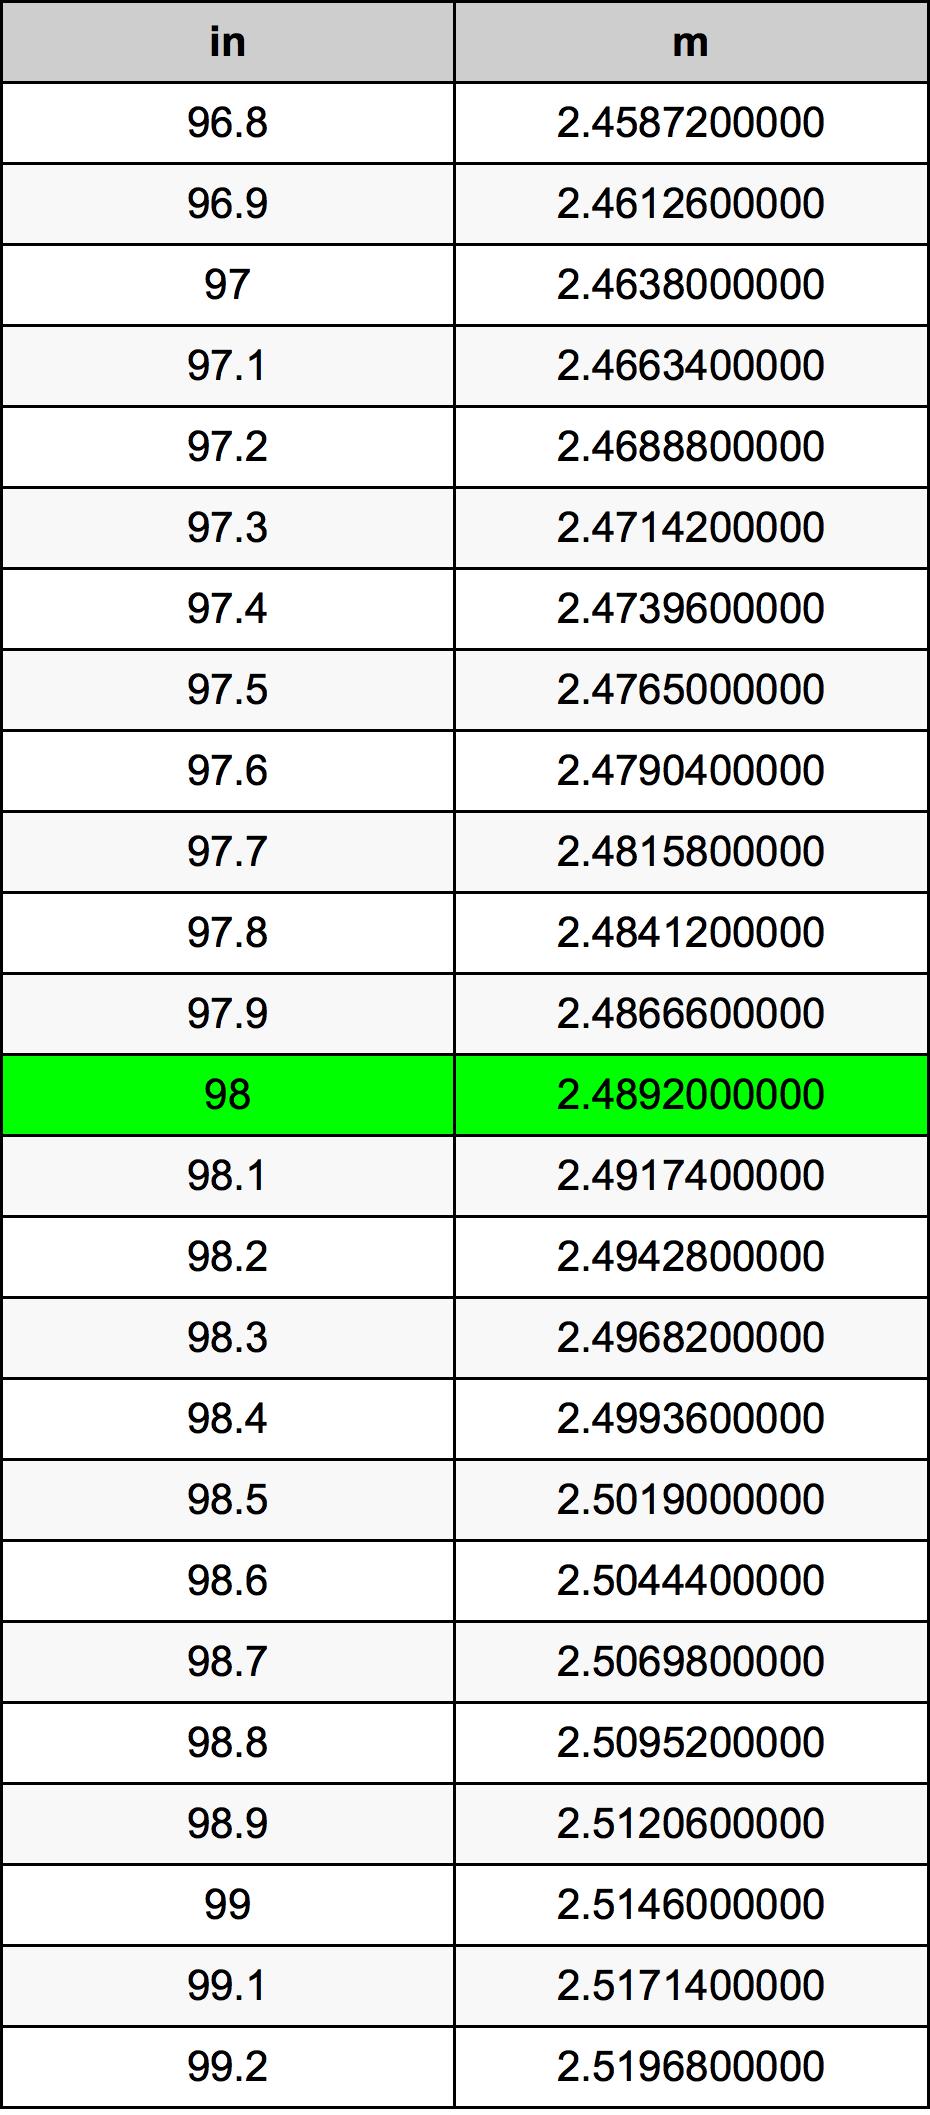 98 بوصة جدول تحويل